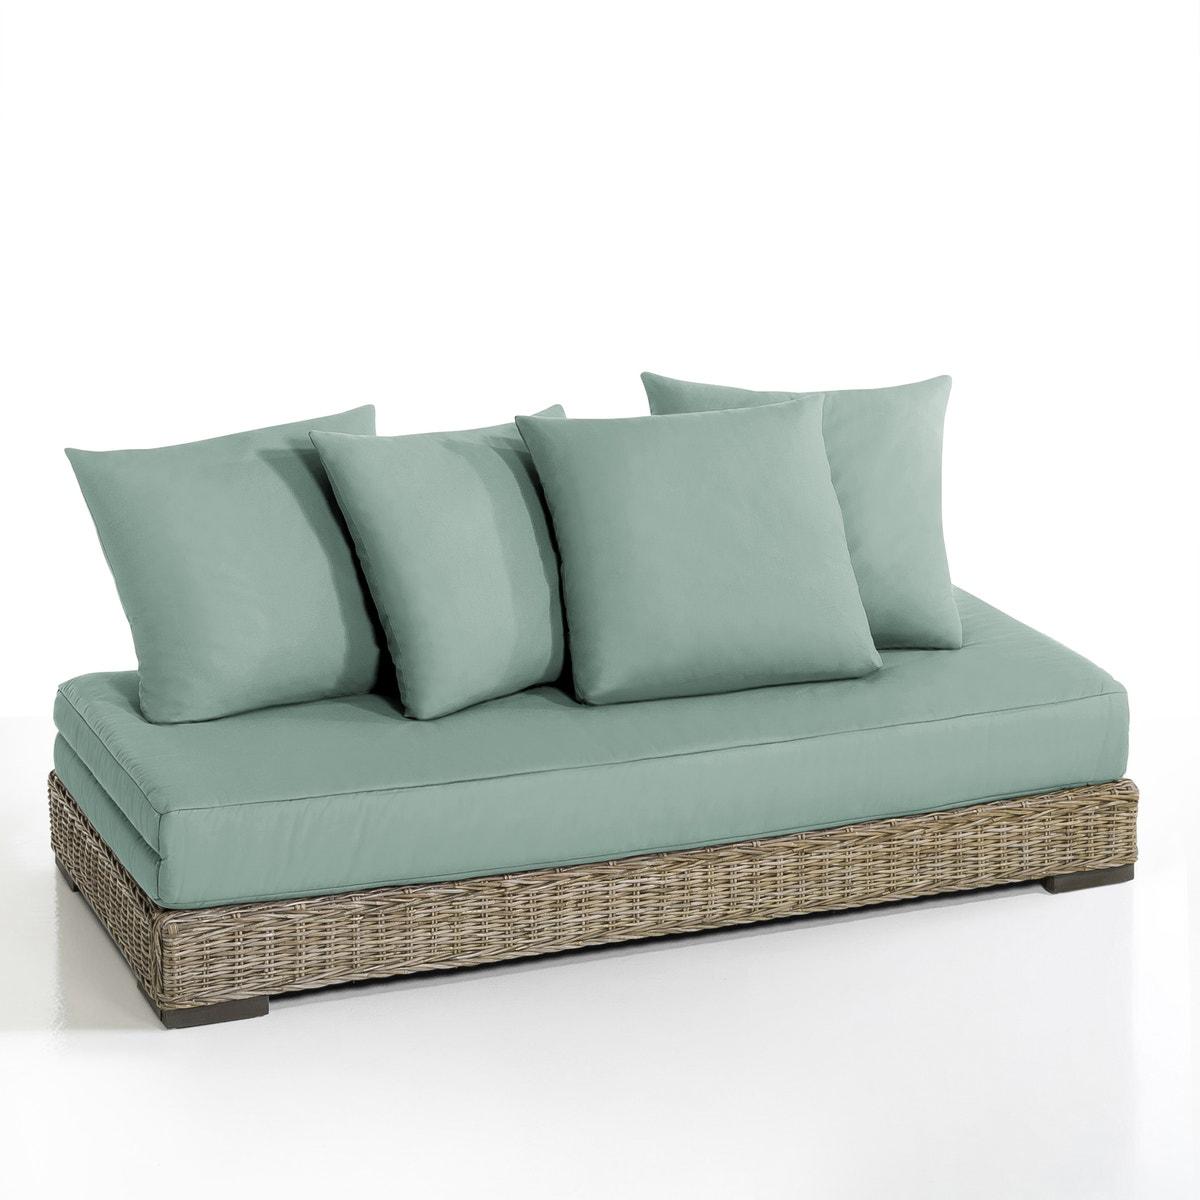 Καναπές-κρεβάτι από ρατάν kubu, Giada